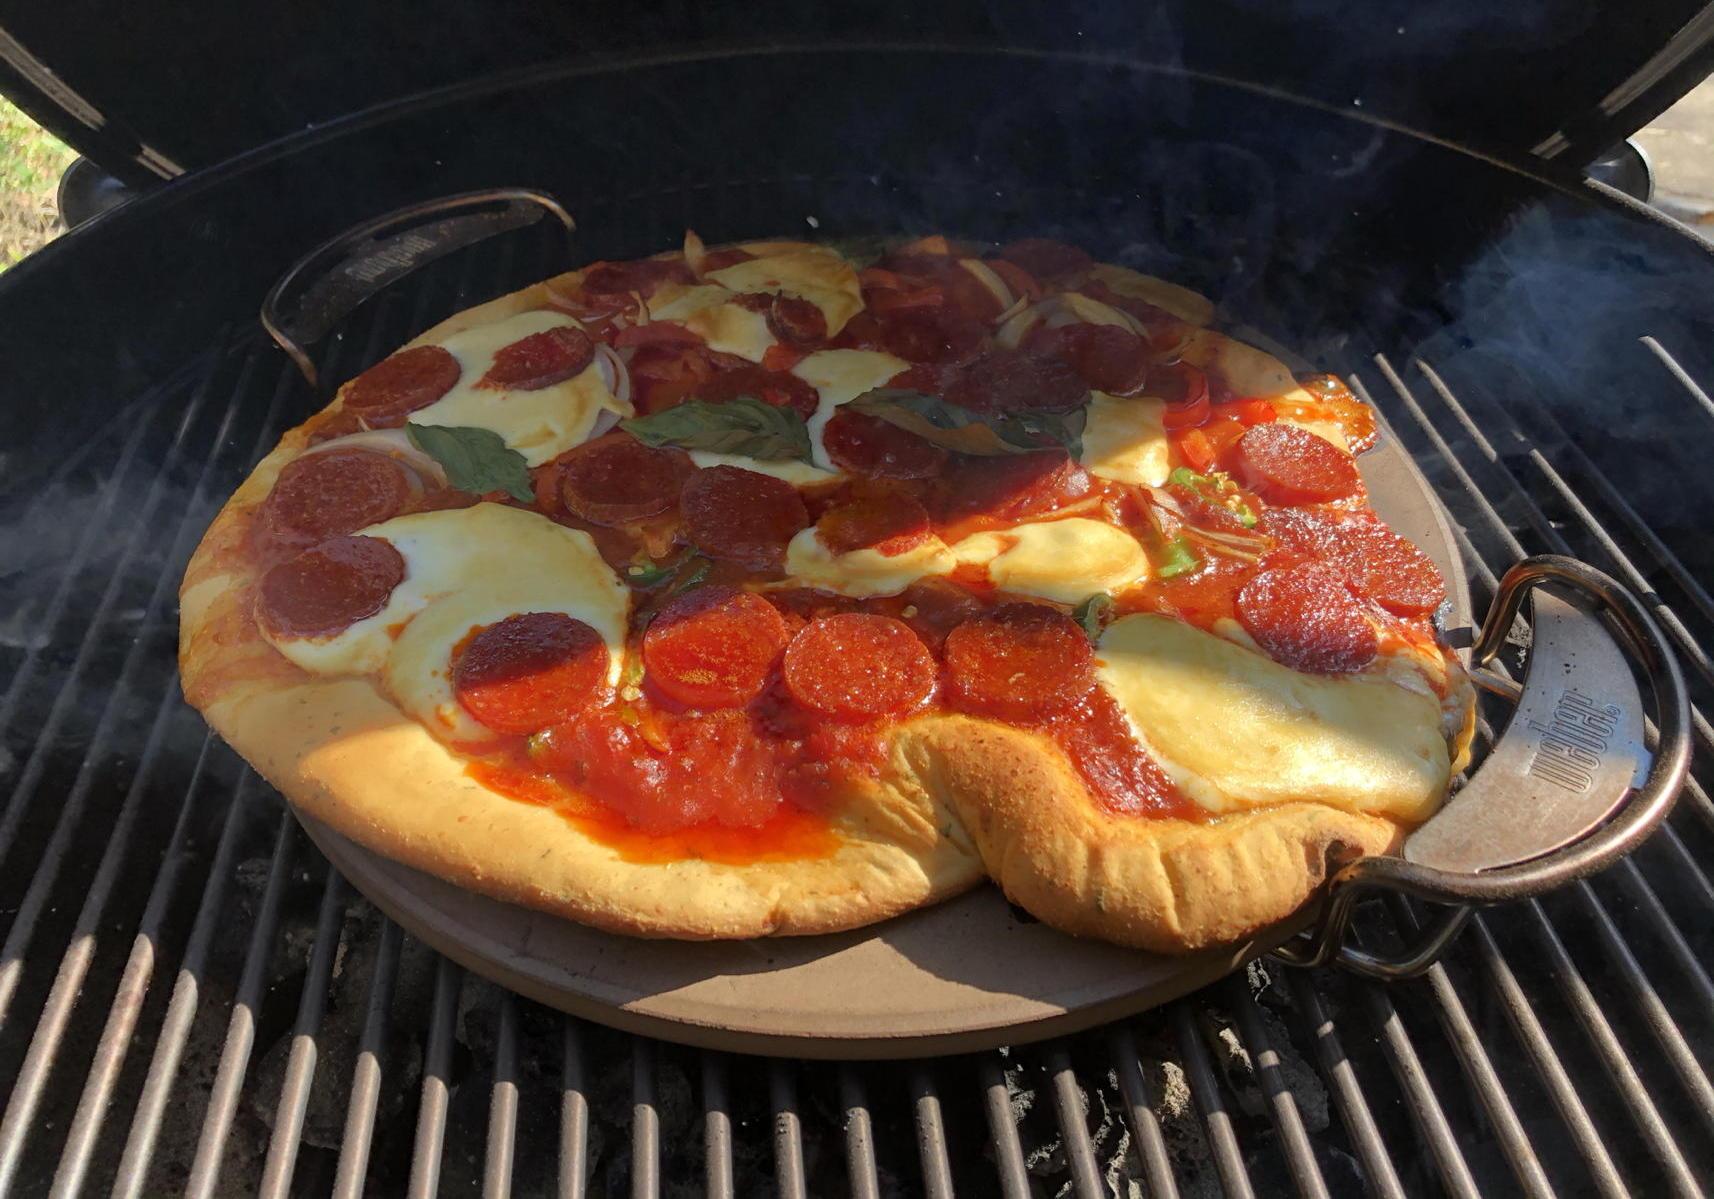 Mozzarella pizza